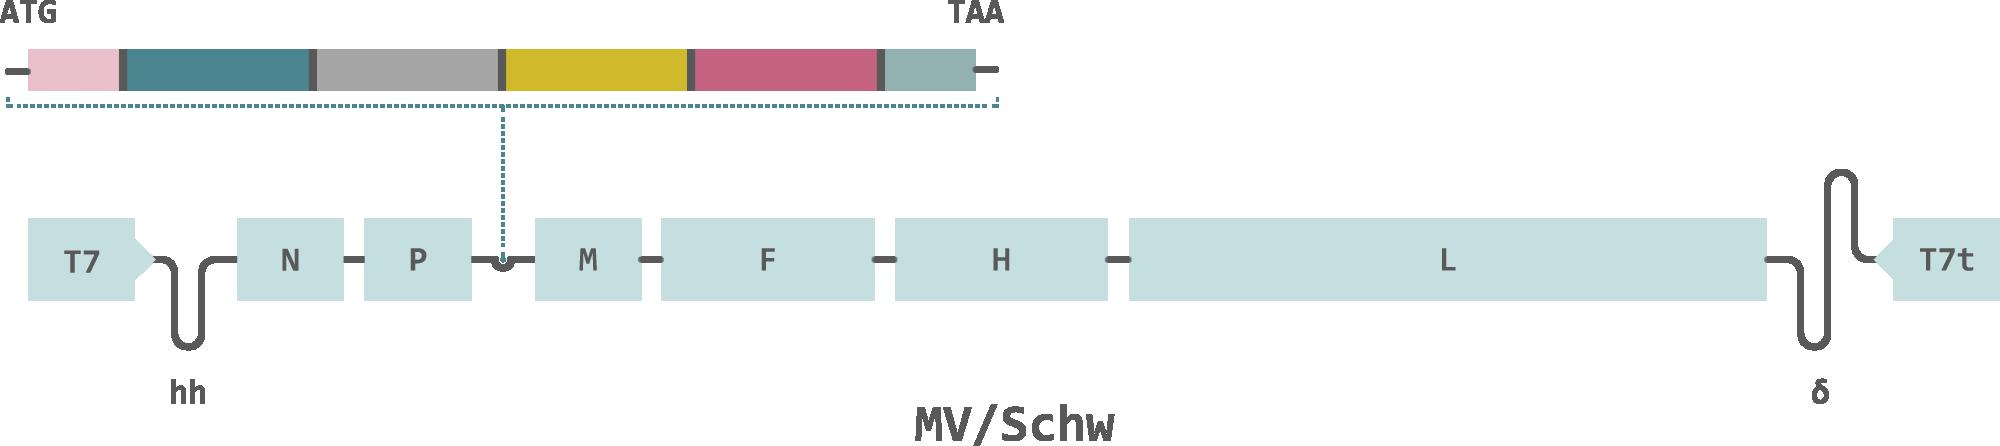 Themis-Chikungunya-Vaccine